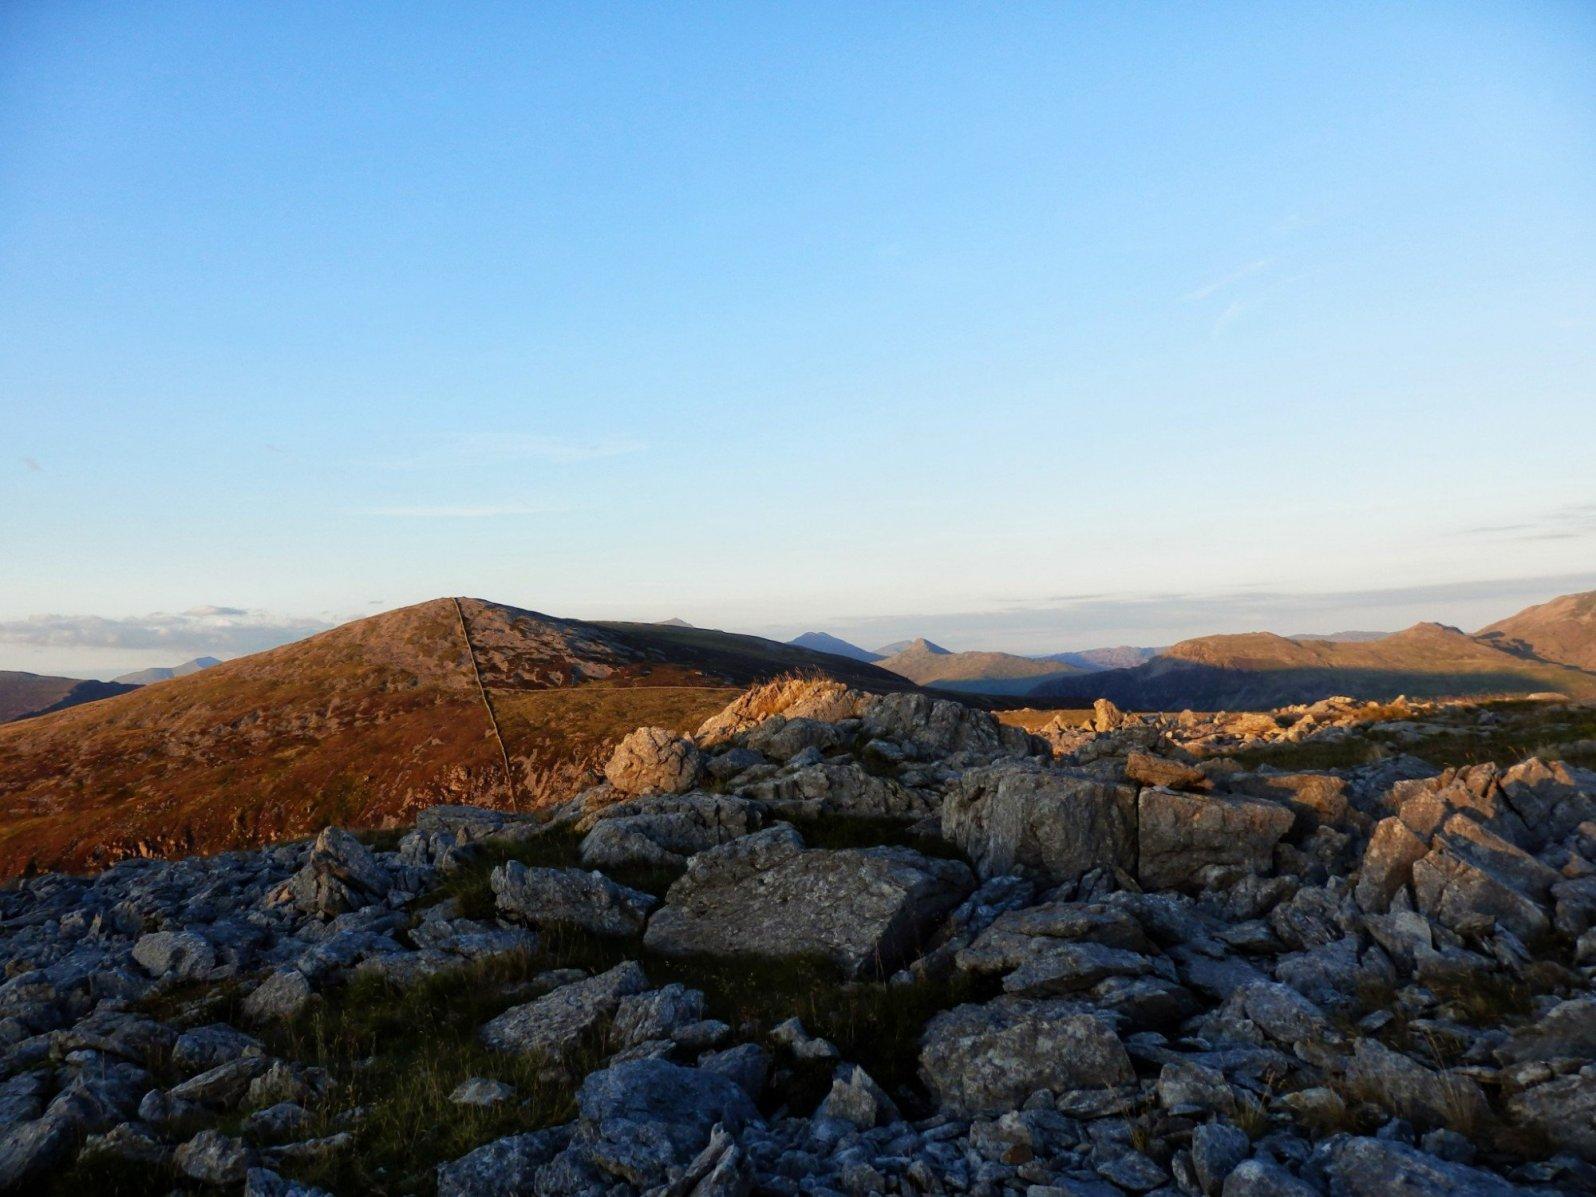 View towards Garnedd-goch.